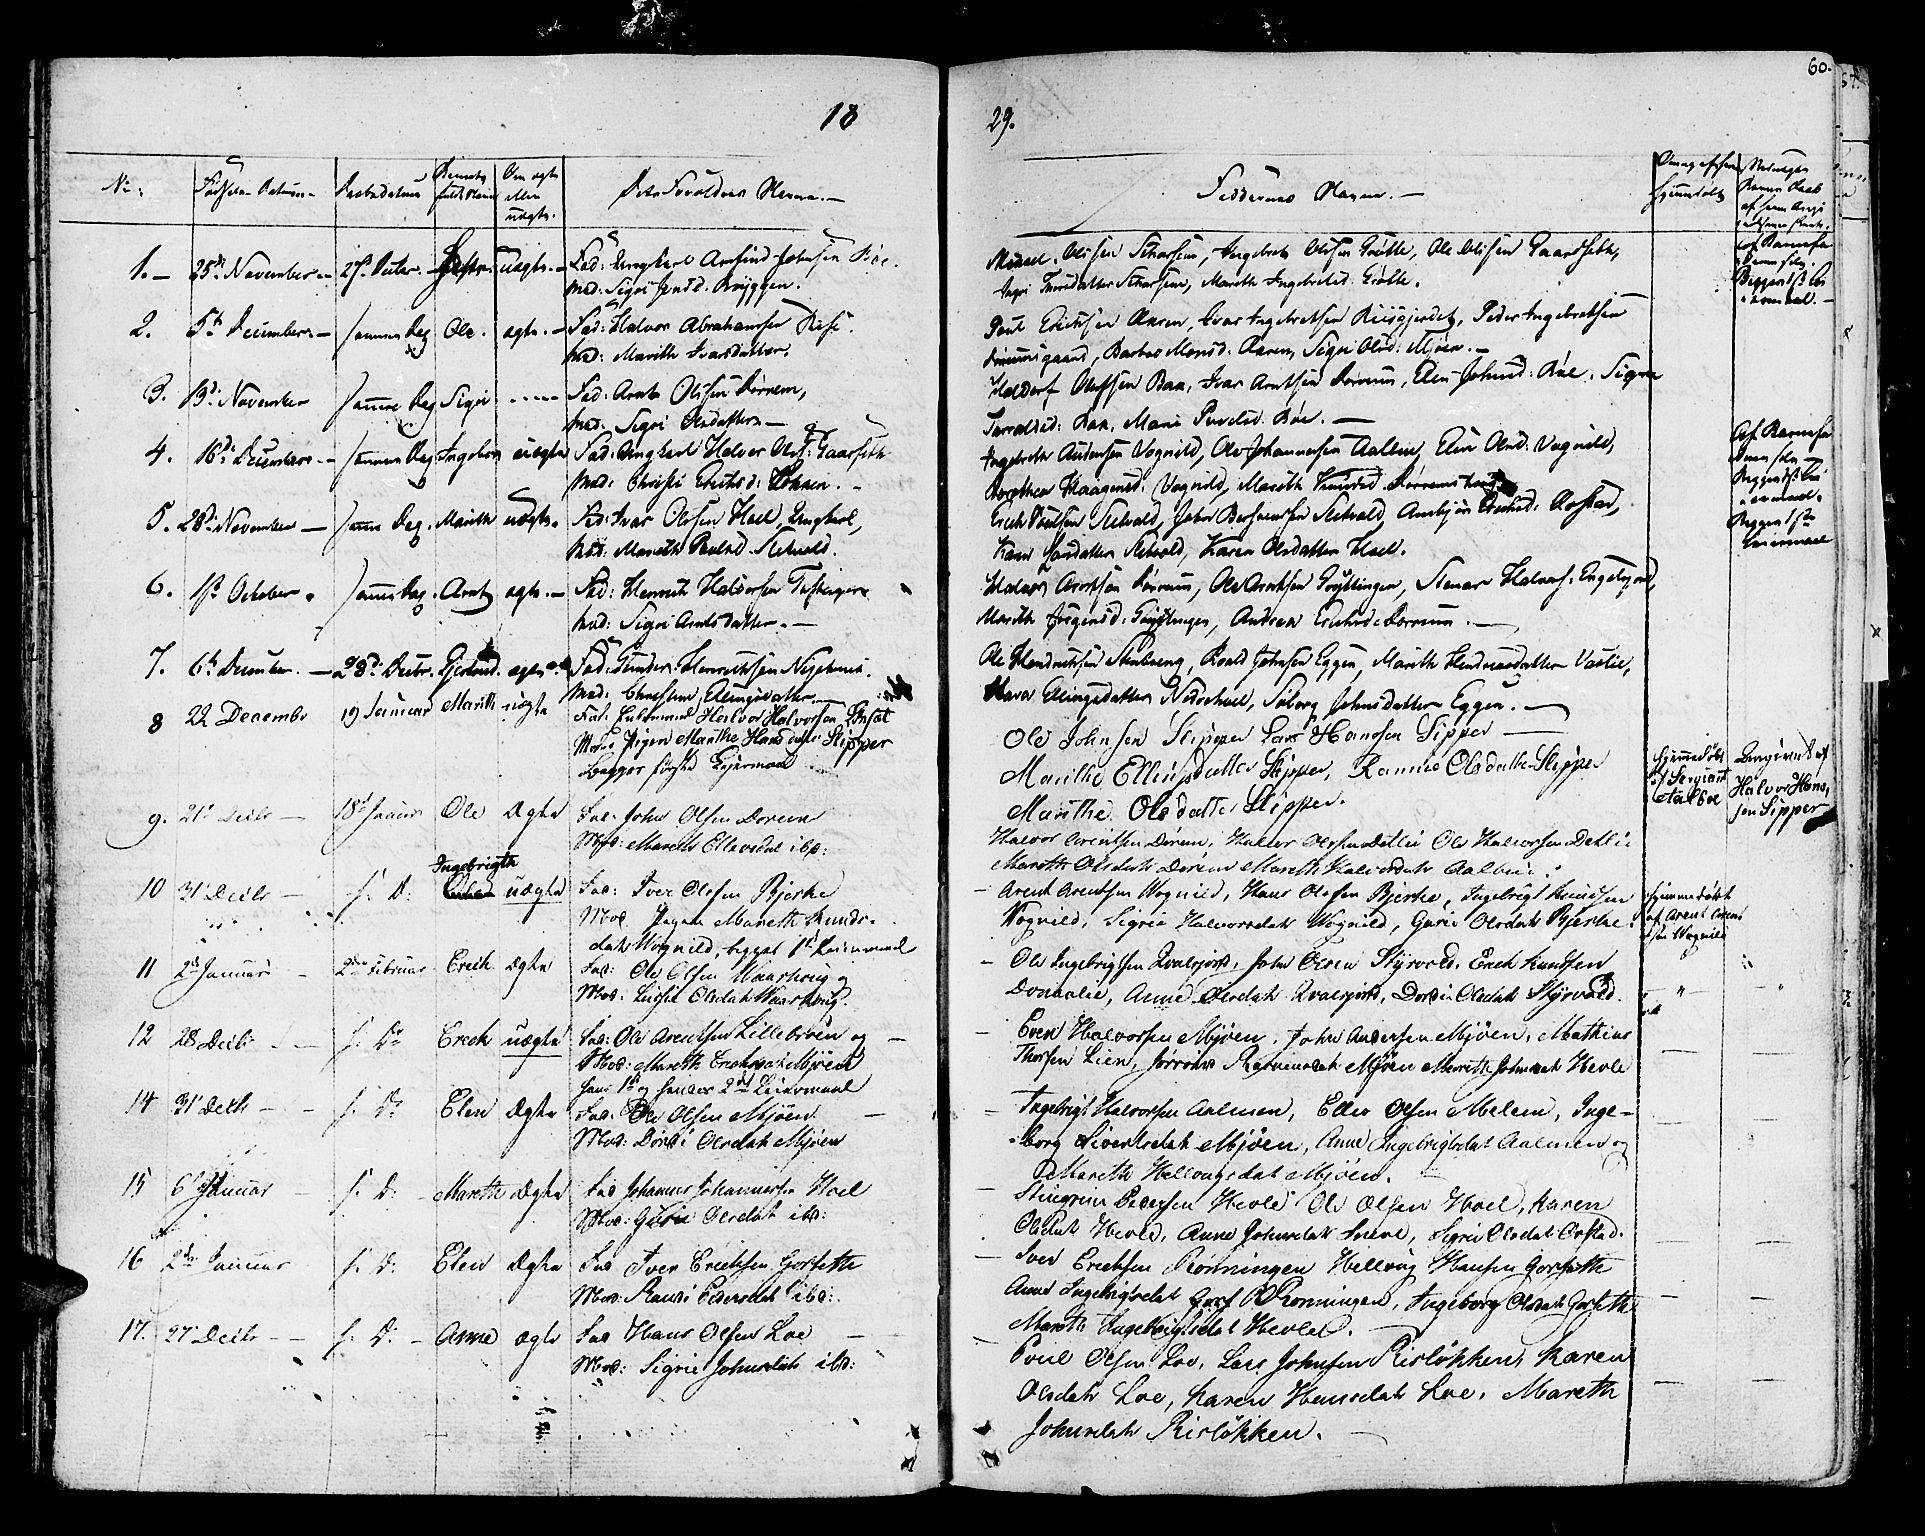 SAT, Ministerialprotokoller, klokkerbøker og fødselsregistre - Sør-Trøndelag, 678/L0897: Ministerialbok nr. 678A06-07, 1821-1847, s. 60